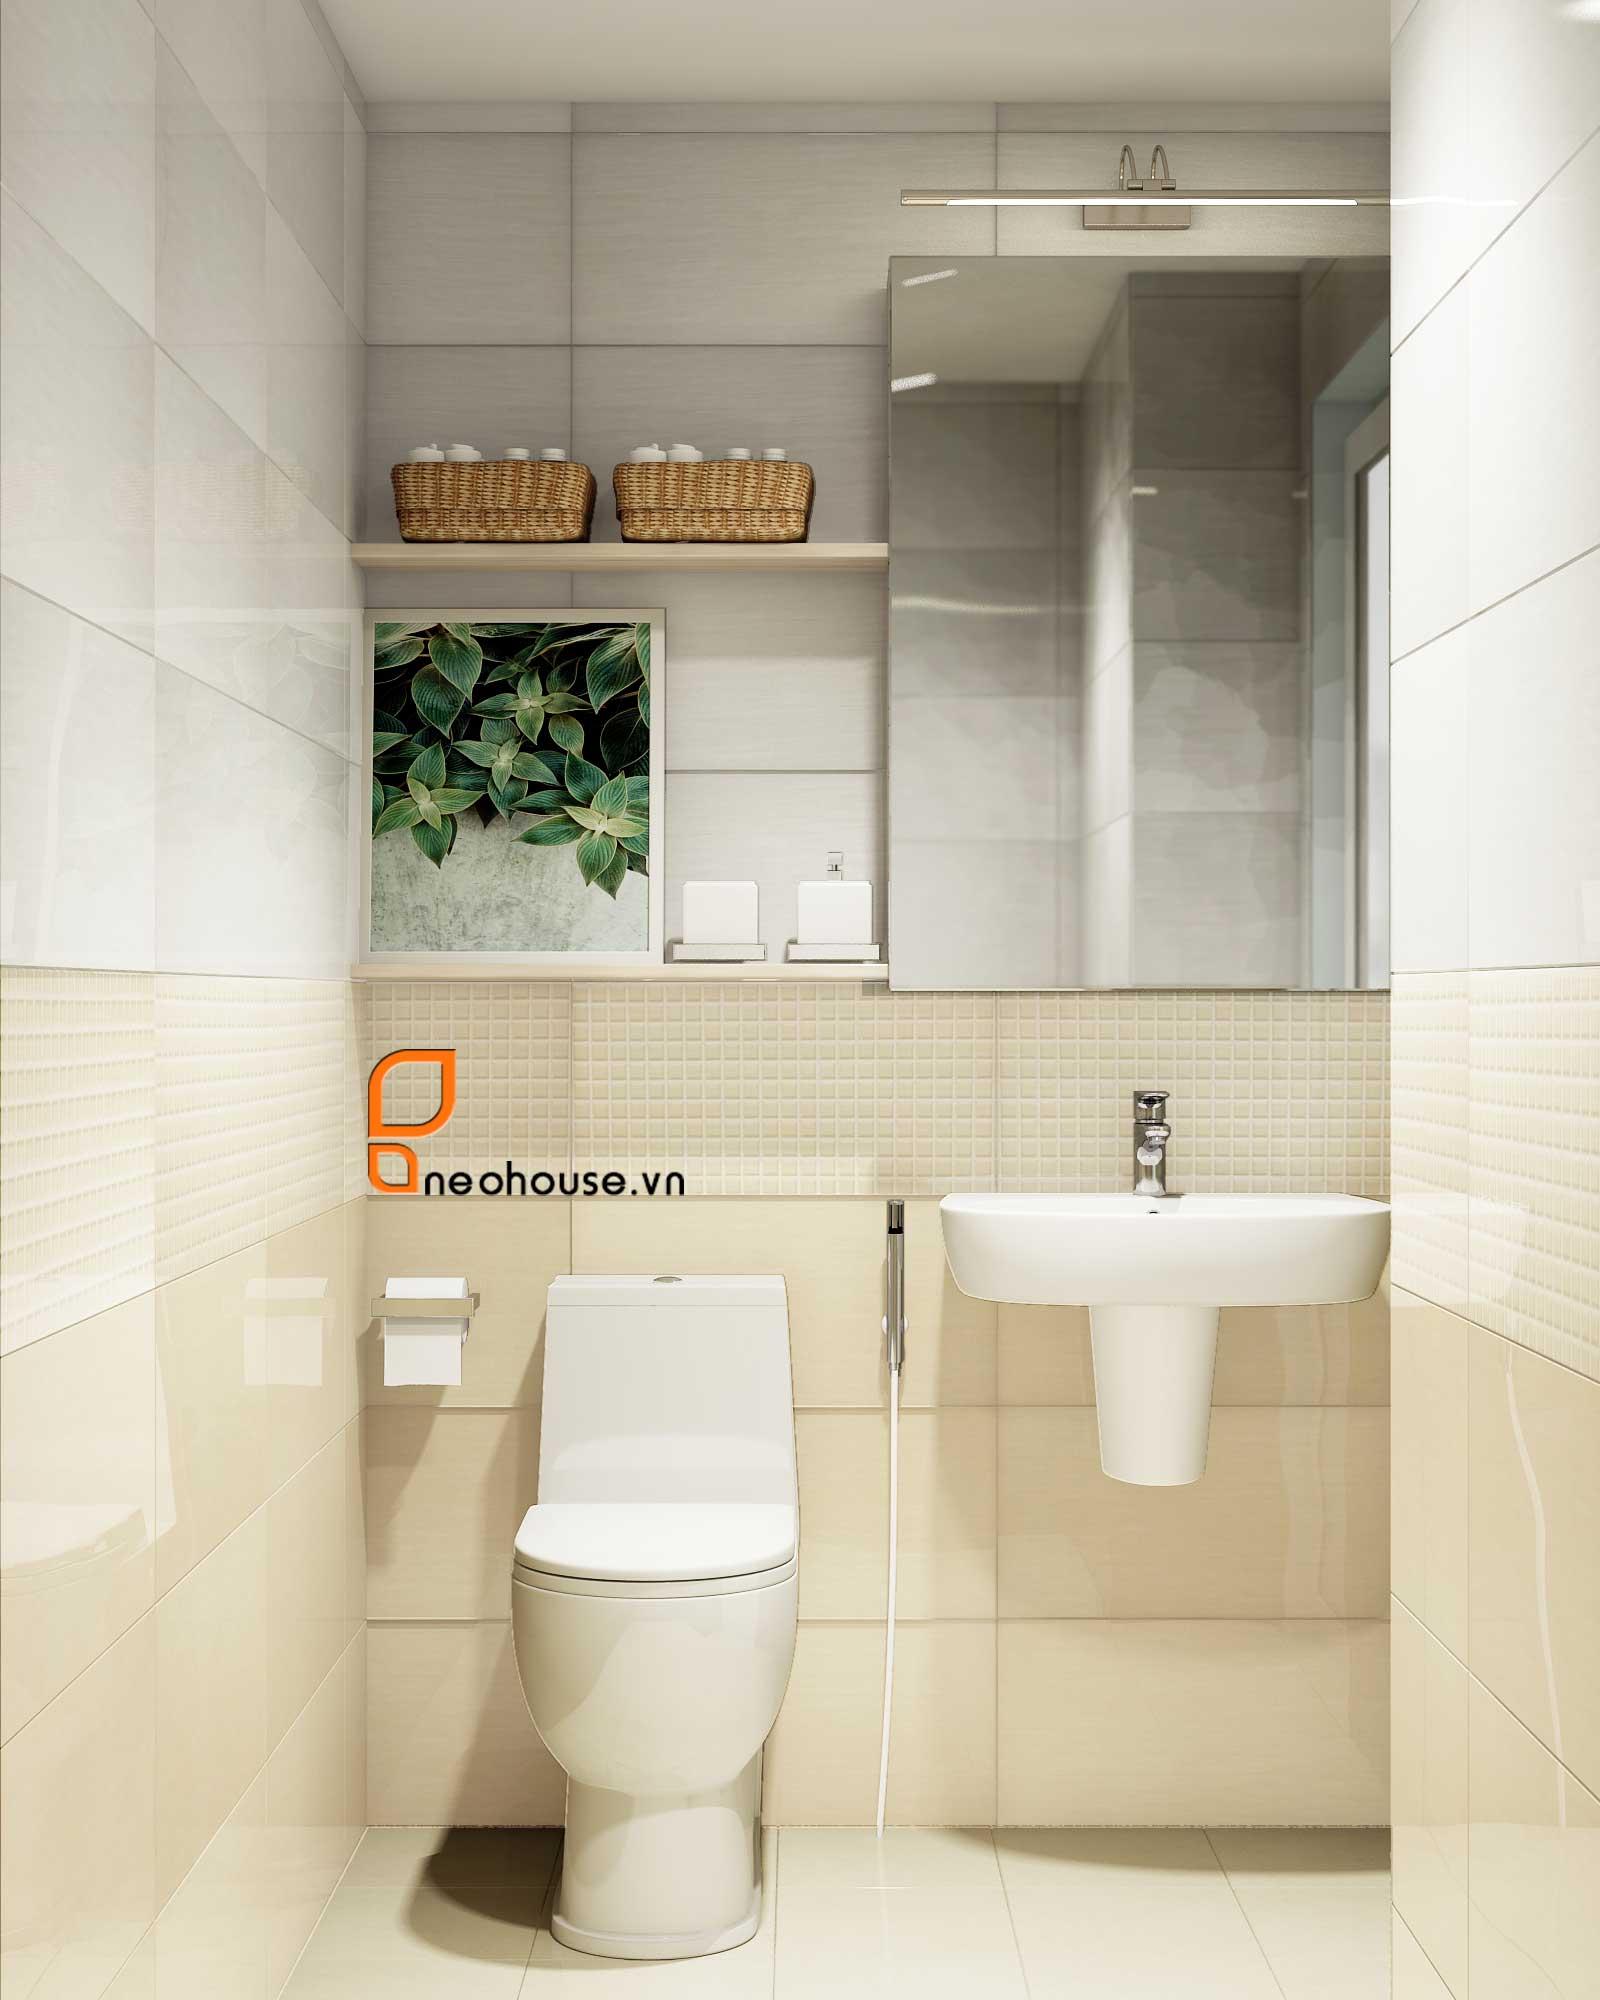 mẫu thiết kế nội thất phòng tắm Toilet 4